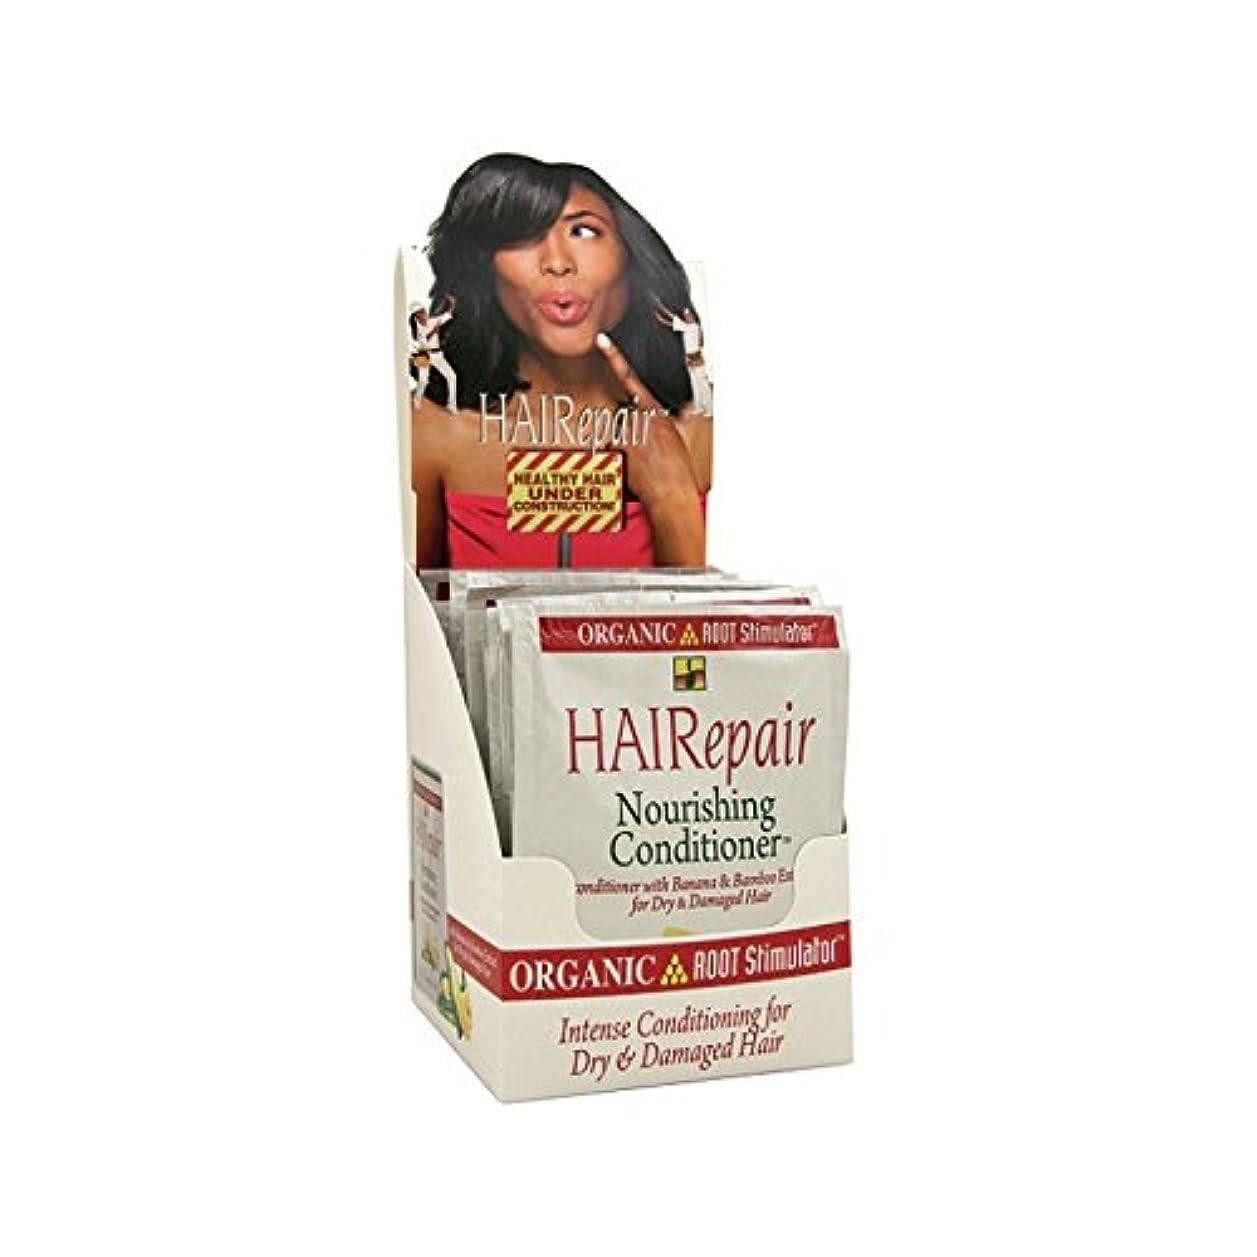 再生的ホームレス呼吸するOrganic Root Hairepair Nourish Conditioner 50 ml (Pack Of 12) (並行輸入品)